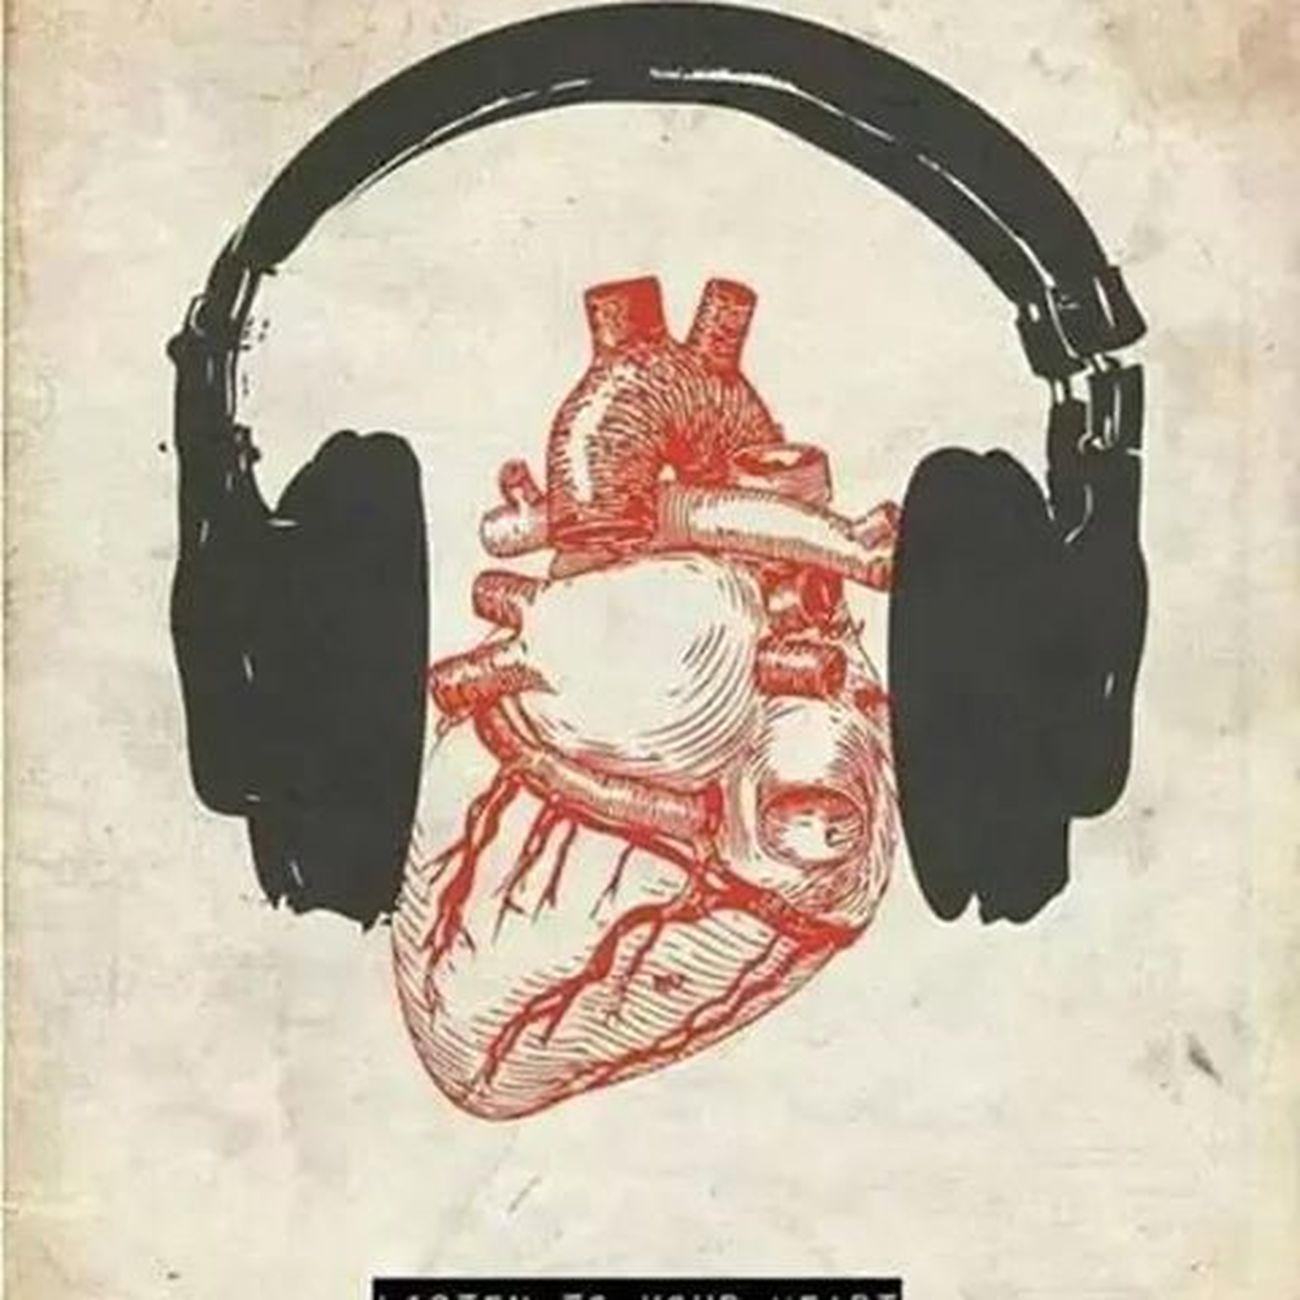 الموسيقى Music Musica Heart Love Live The Free And Freedom هي الحياة الجمال  الحرية الخلود انها تكامل الوجود